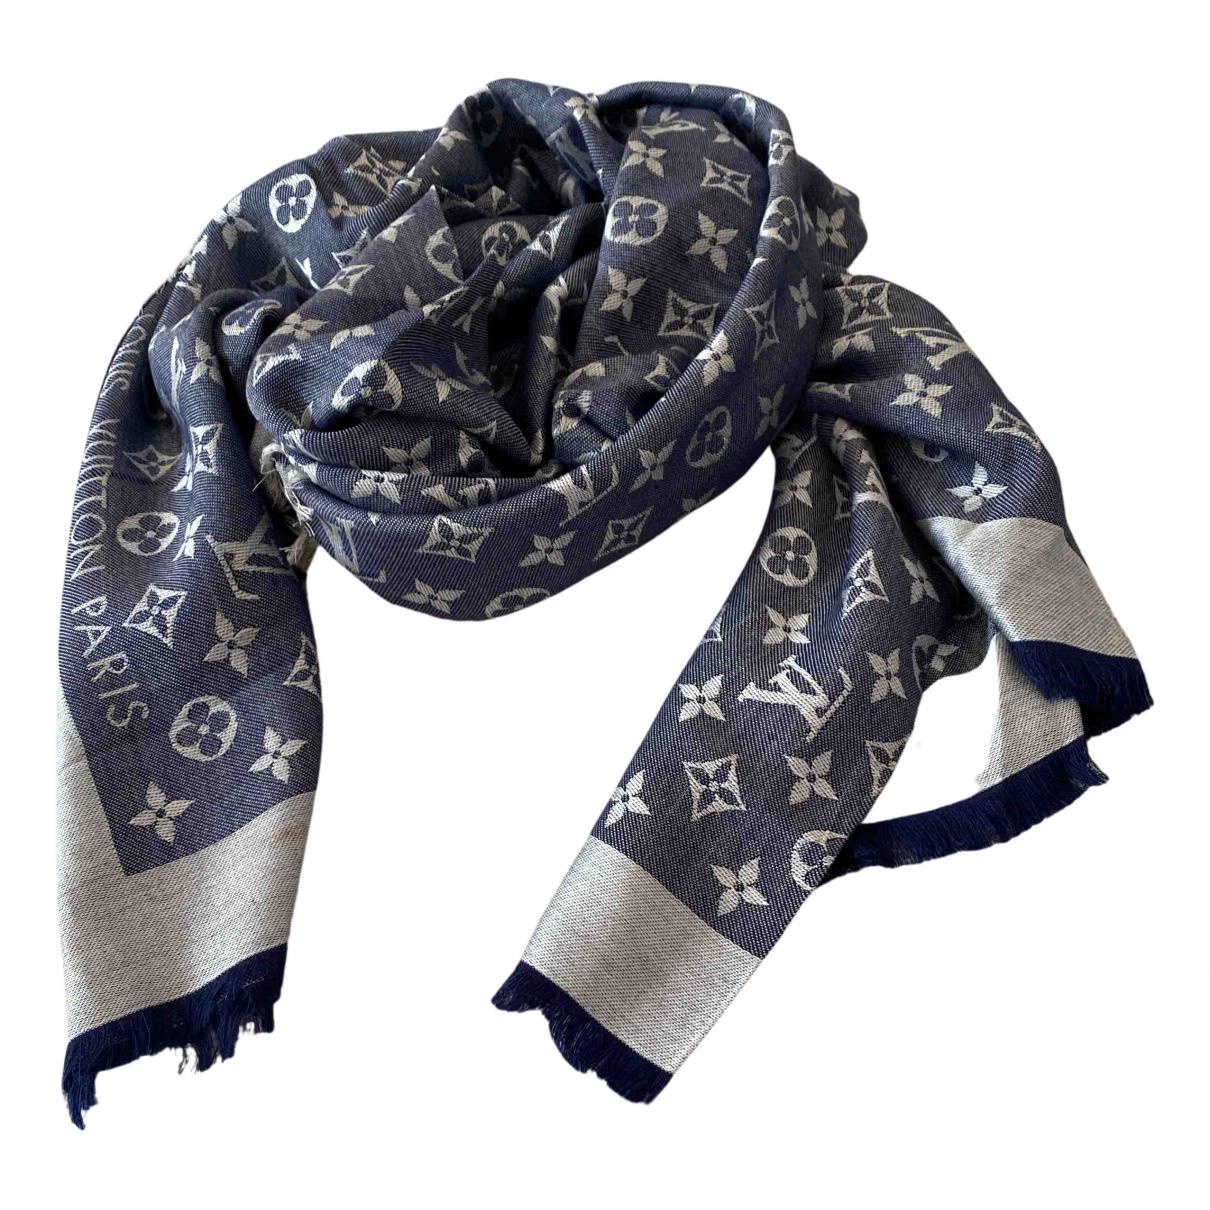 Louis Vuitton - Foulard Chale Monogram pour femme en soie - bleu